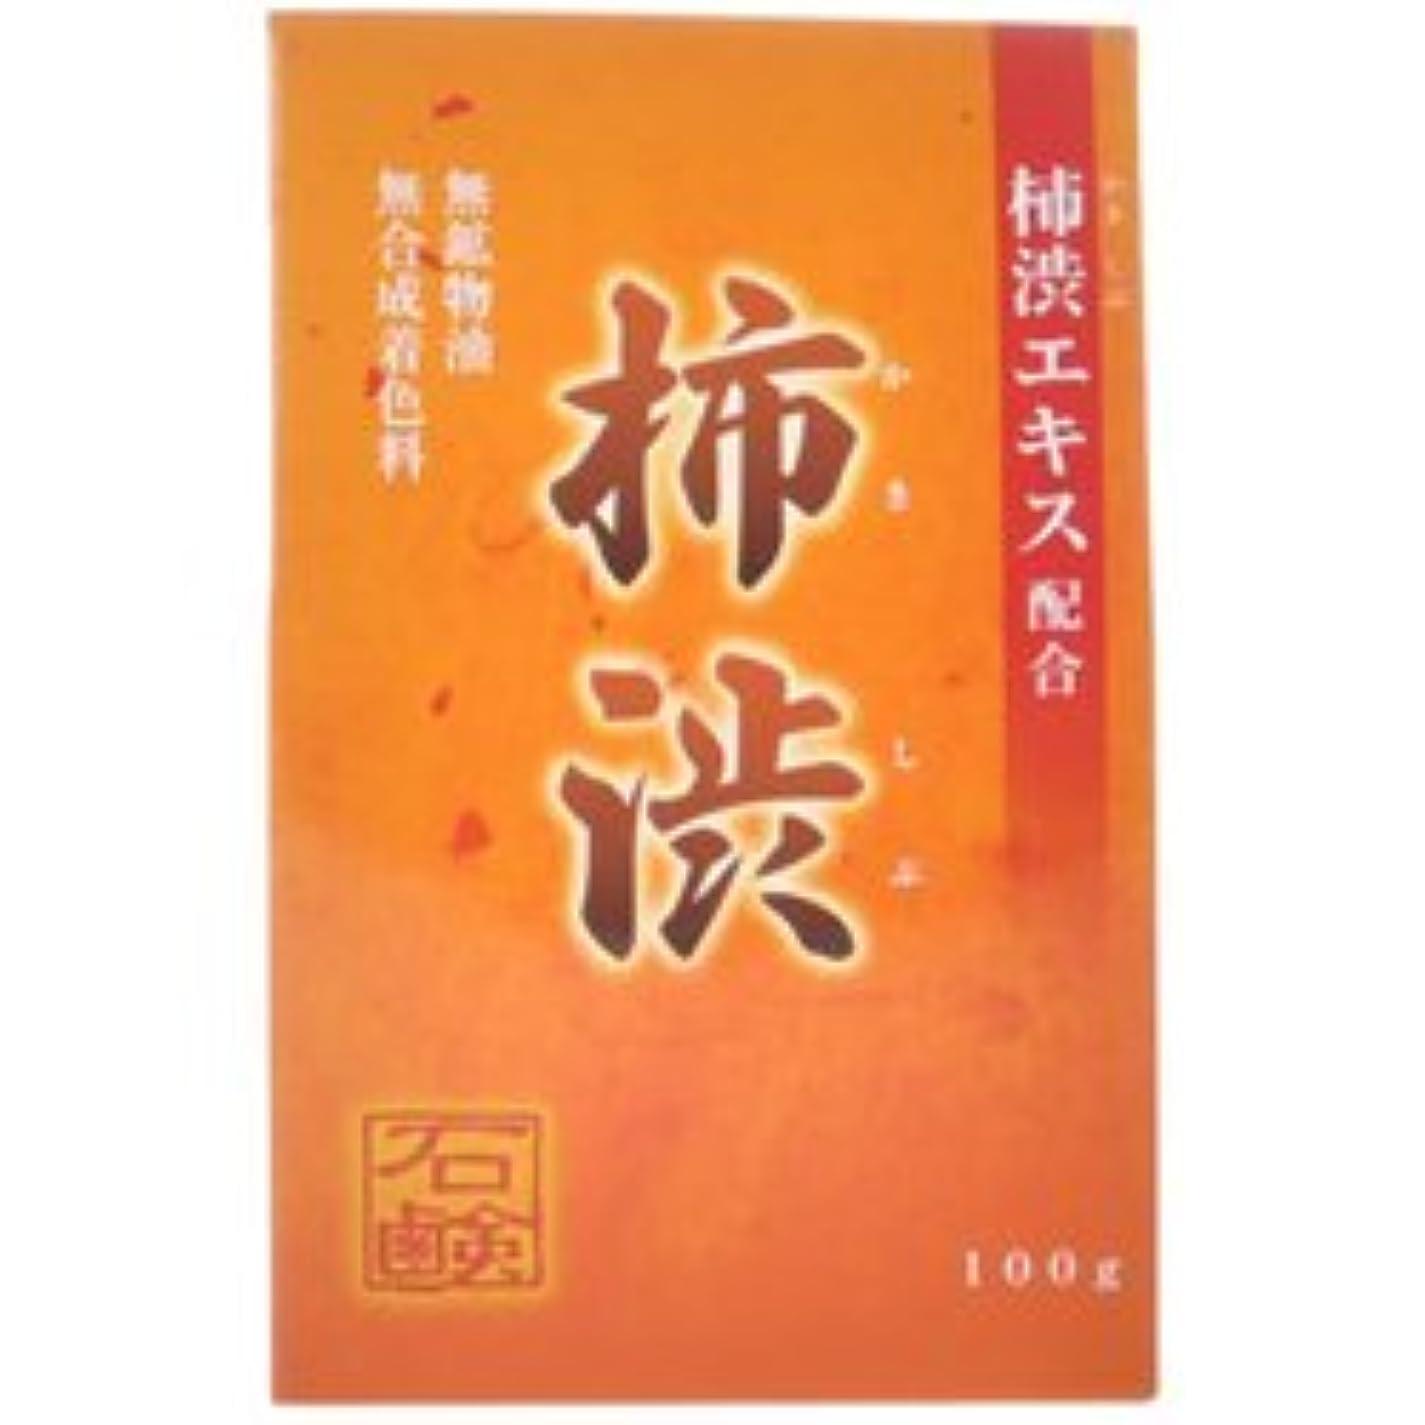 束落胆する伝記【アール?エイチ?ビープロダクト】新 柿渋石鹸 100g ×5個セット